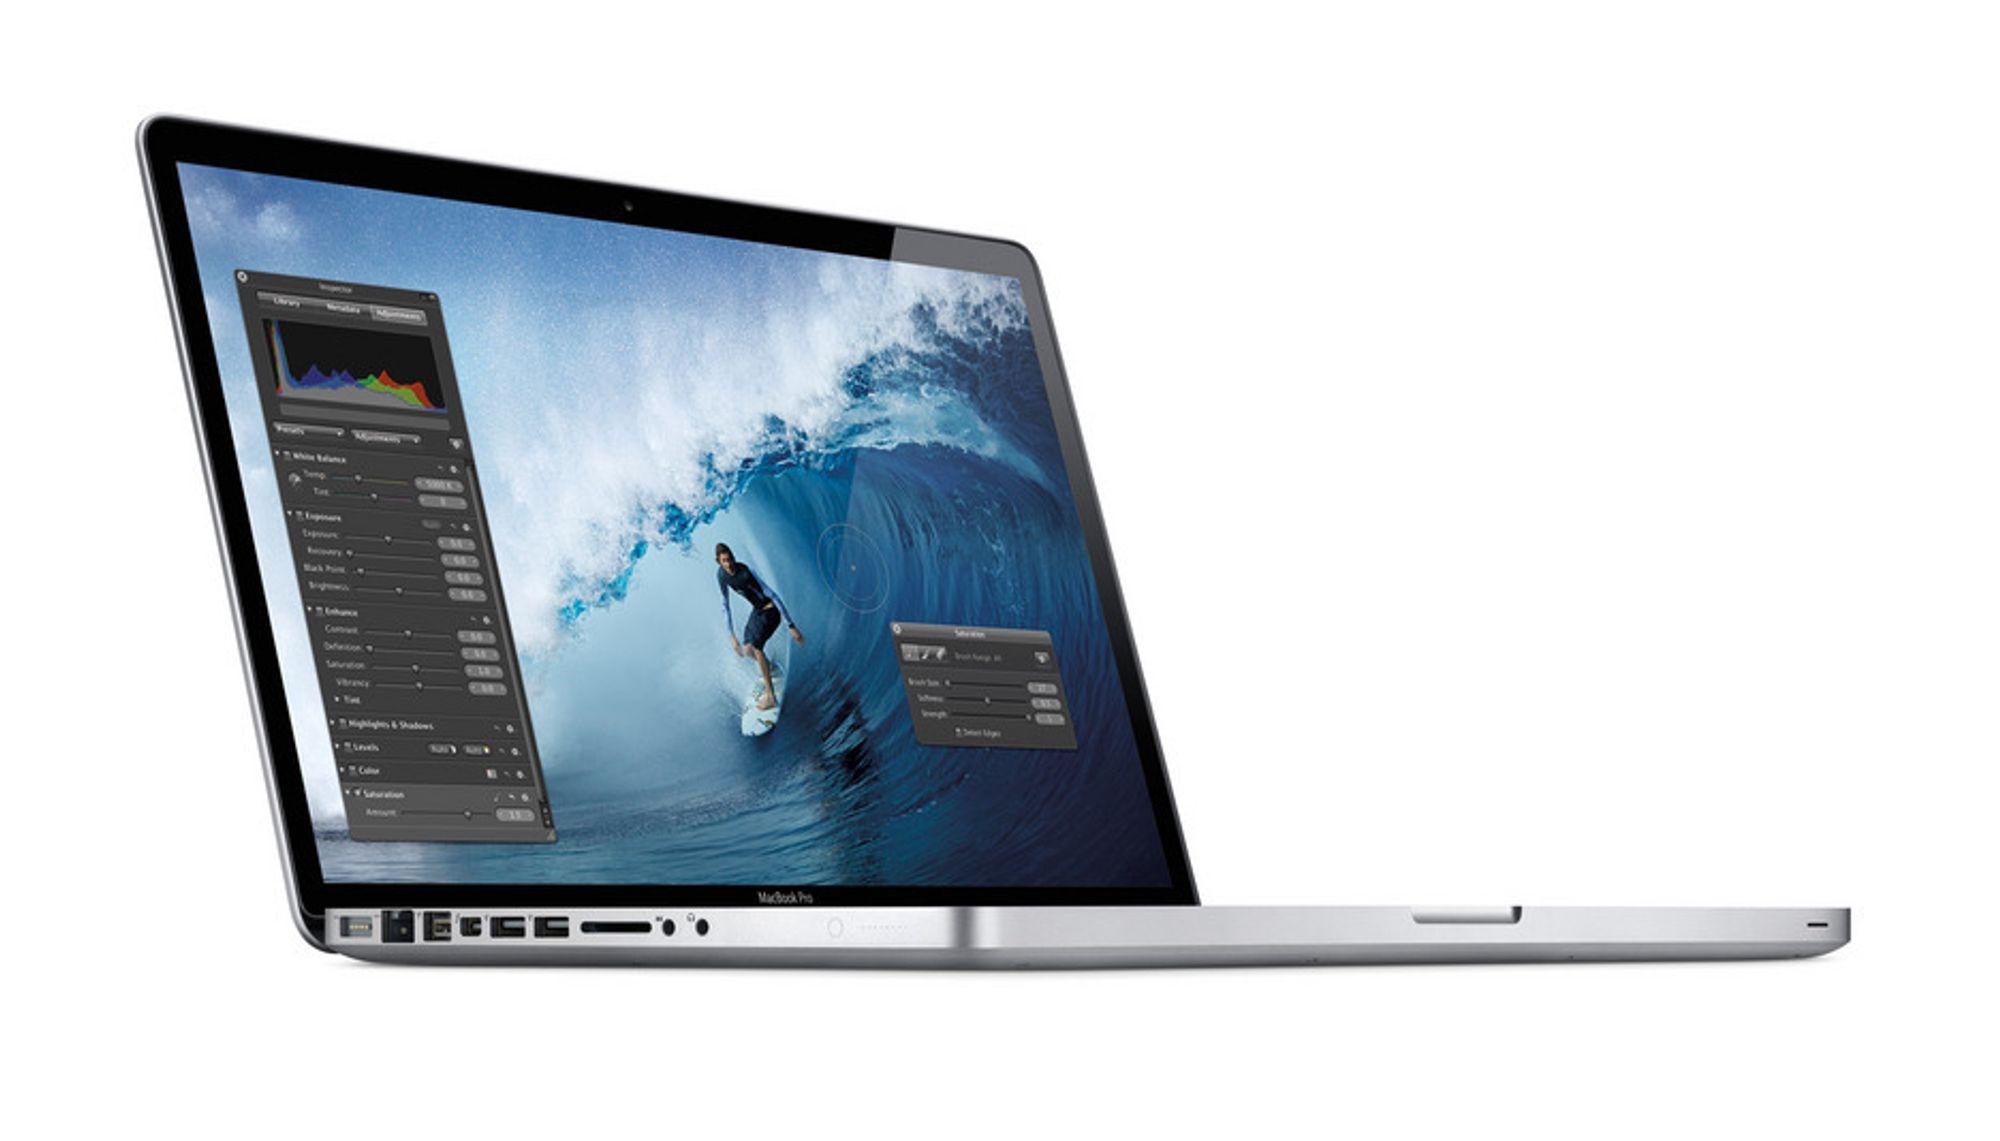 Apples nye Macbook Pro får oppgradert kamera og kraftigere innmat.